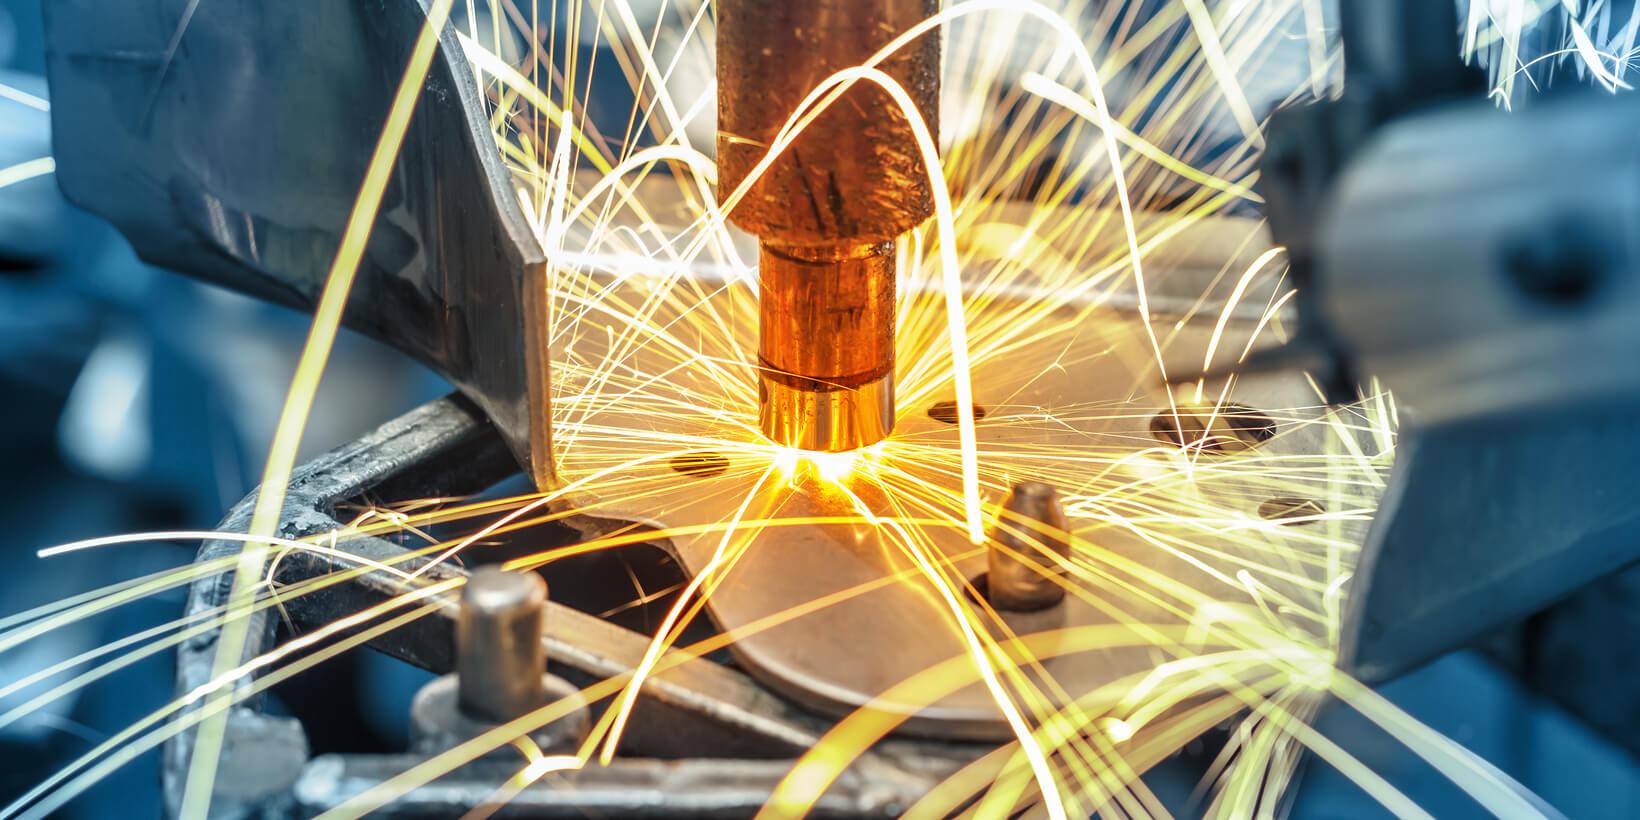 einsatzbereich laseranlage.jpg